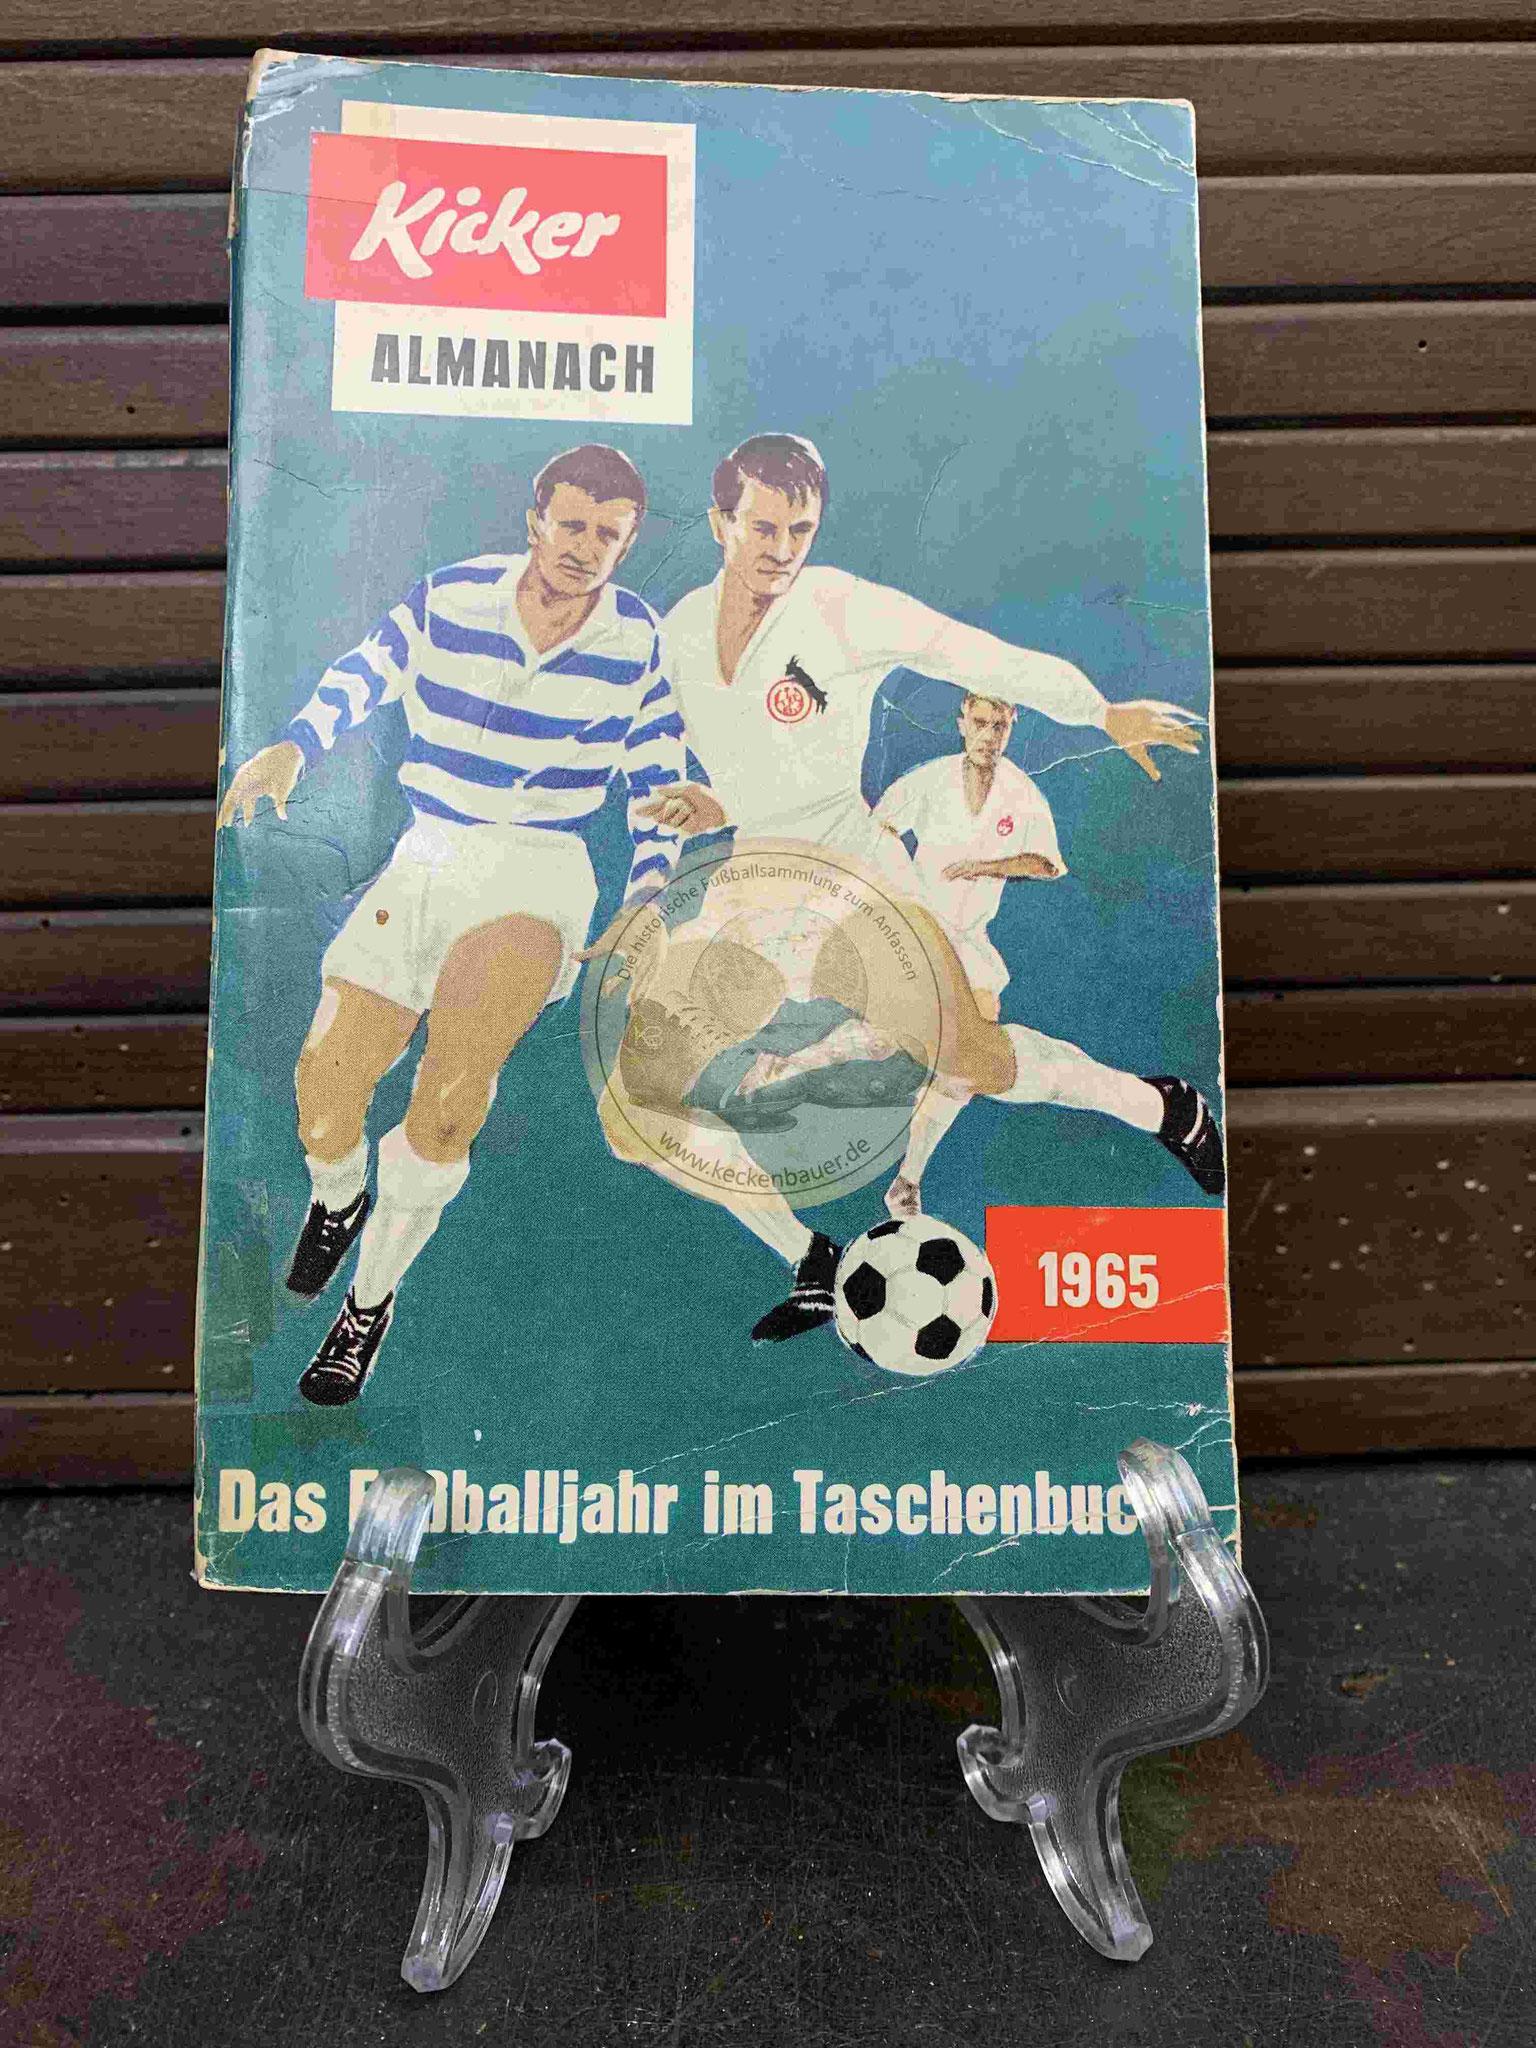 Kicker Almanach Das Fußballjahr im Taschenbuch aus dem Jahr 1965